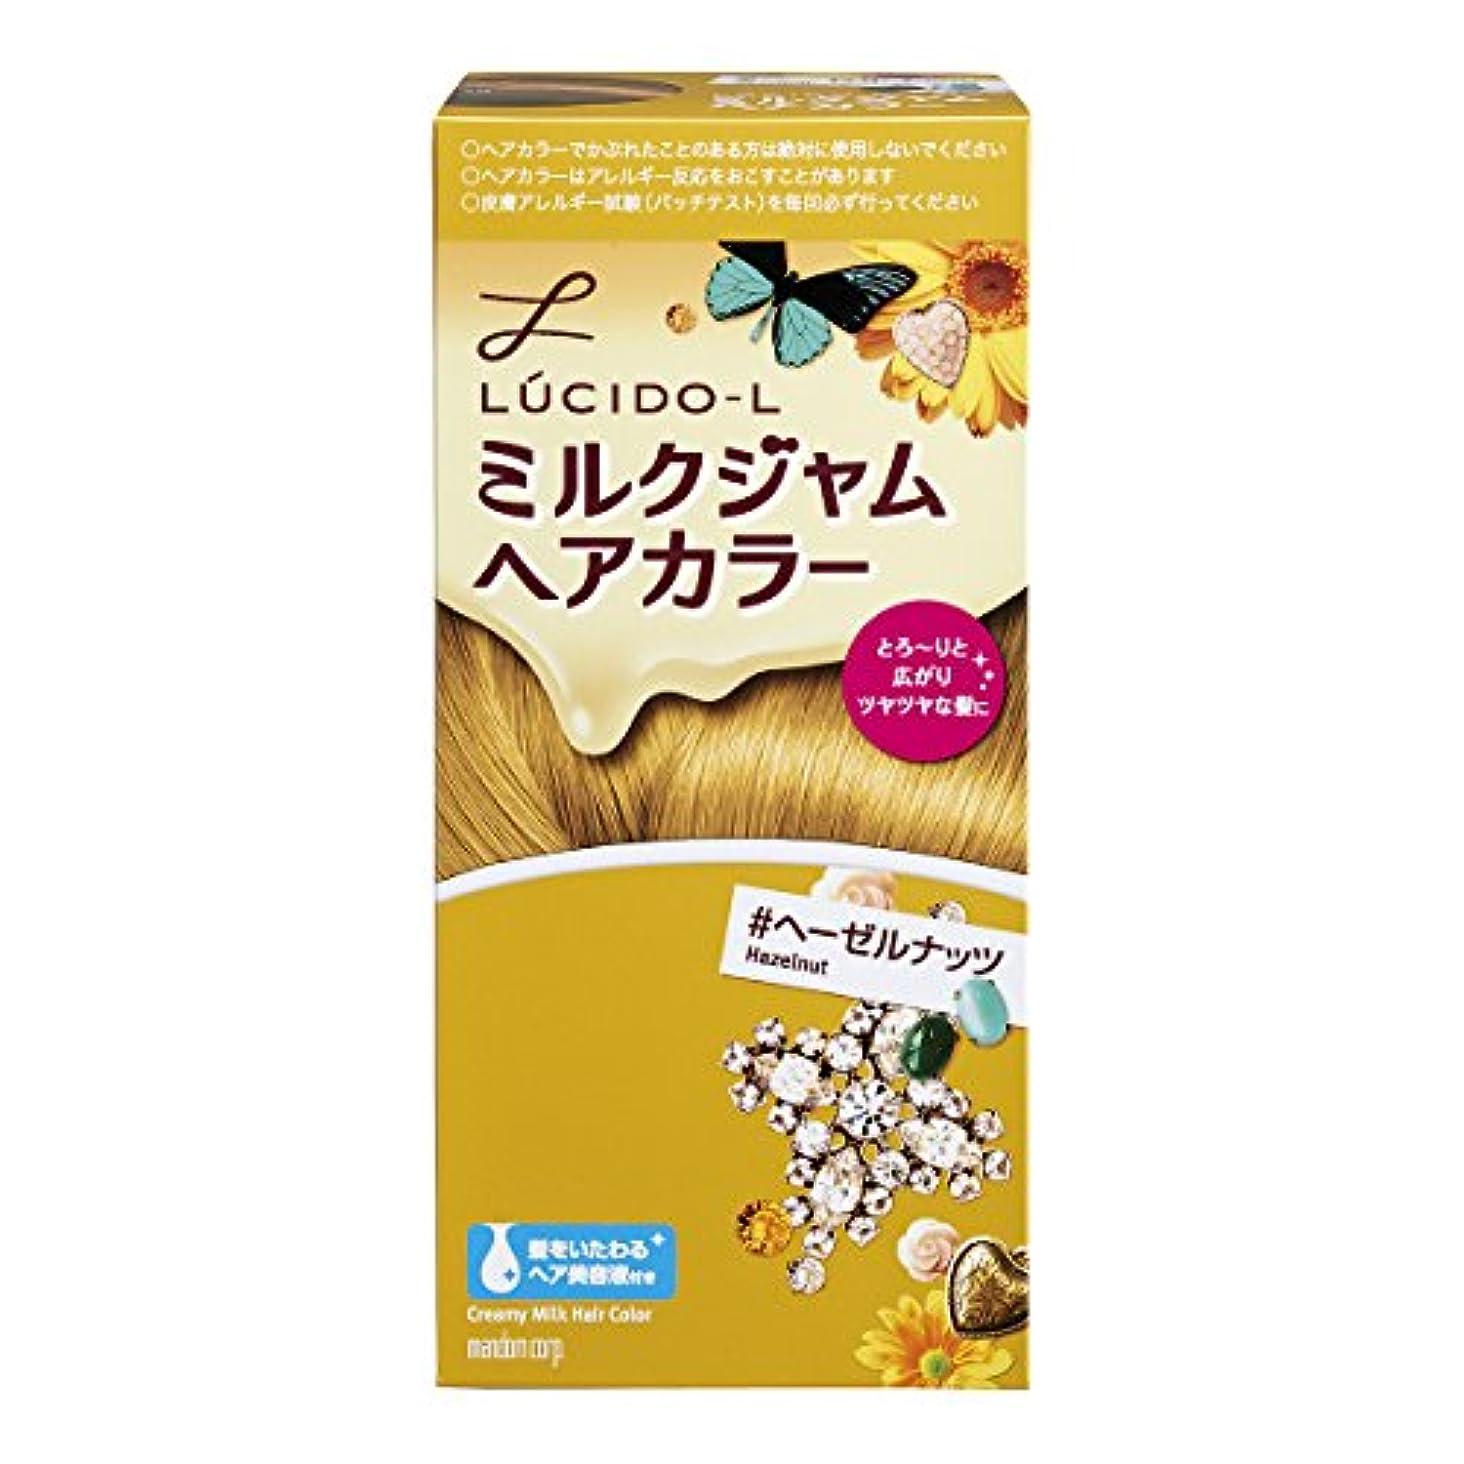 発疹上がる正確にLUCIDO-L (ルシードエル) ミルクジャムヘアカラー #ヘーゼルナッツ (医薬部外品) (1剤40g 2剤80mL TR5g)